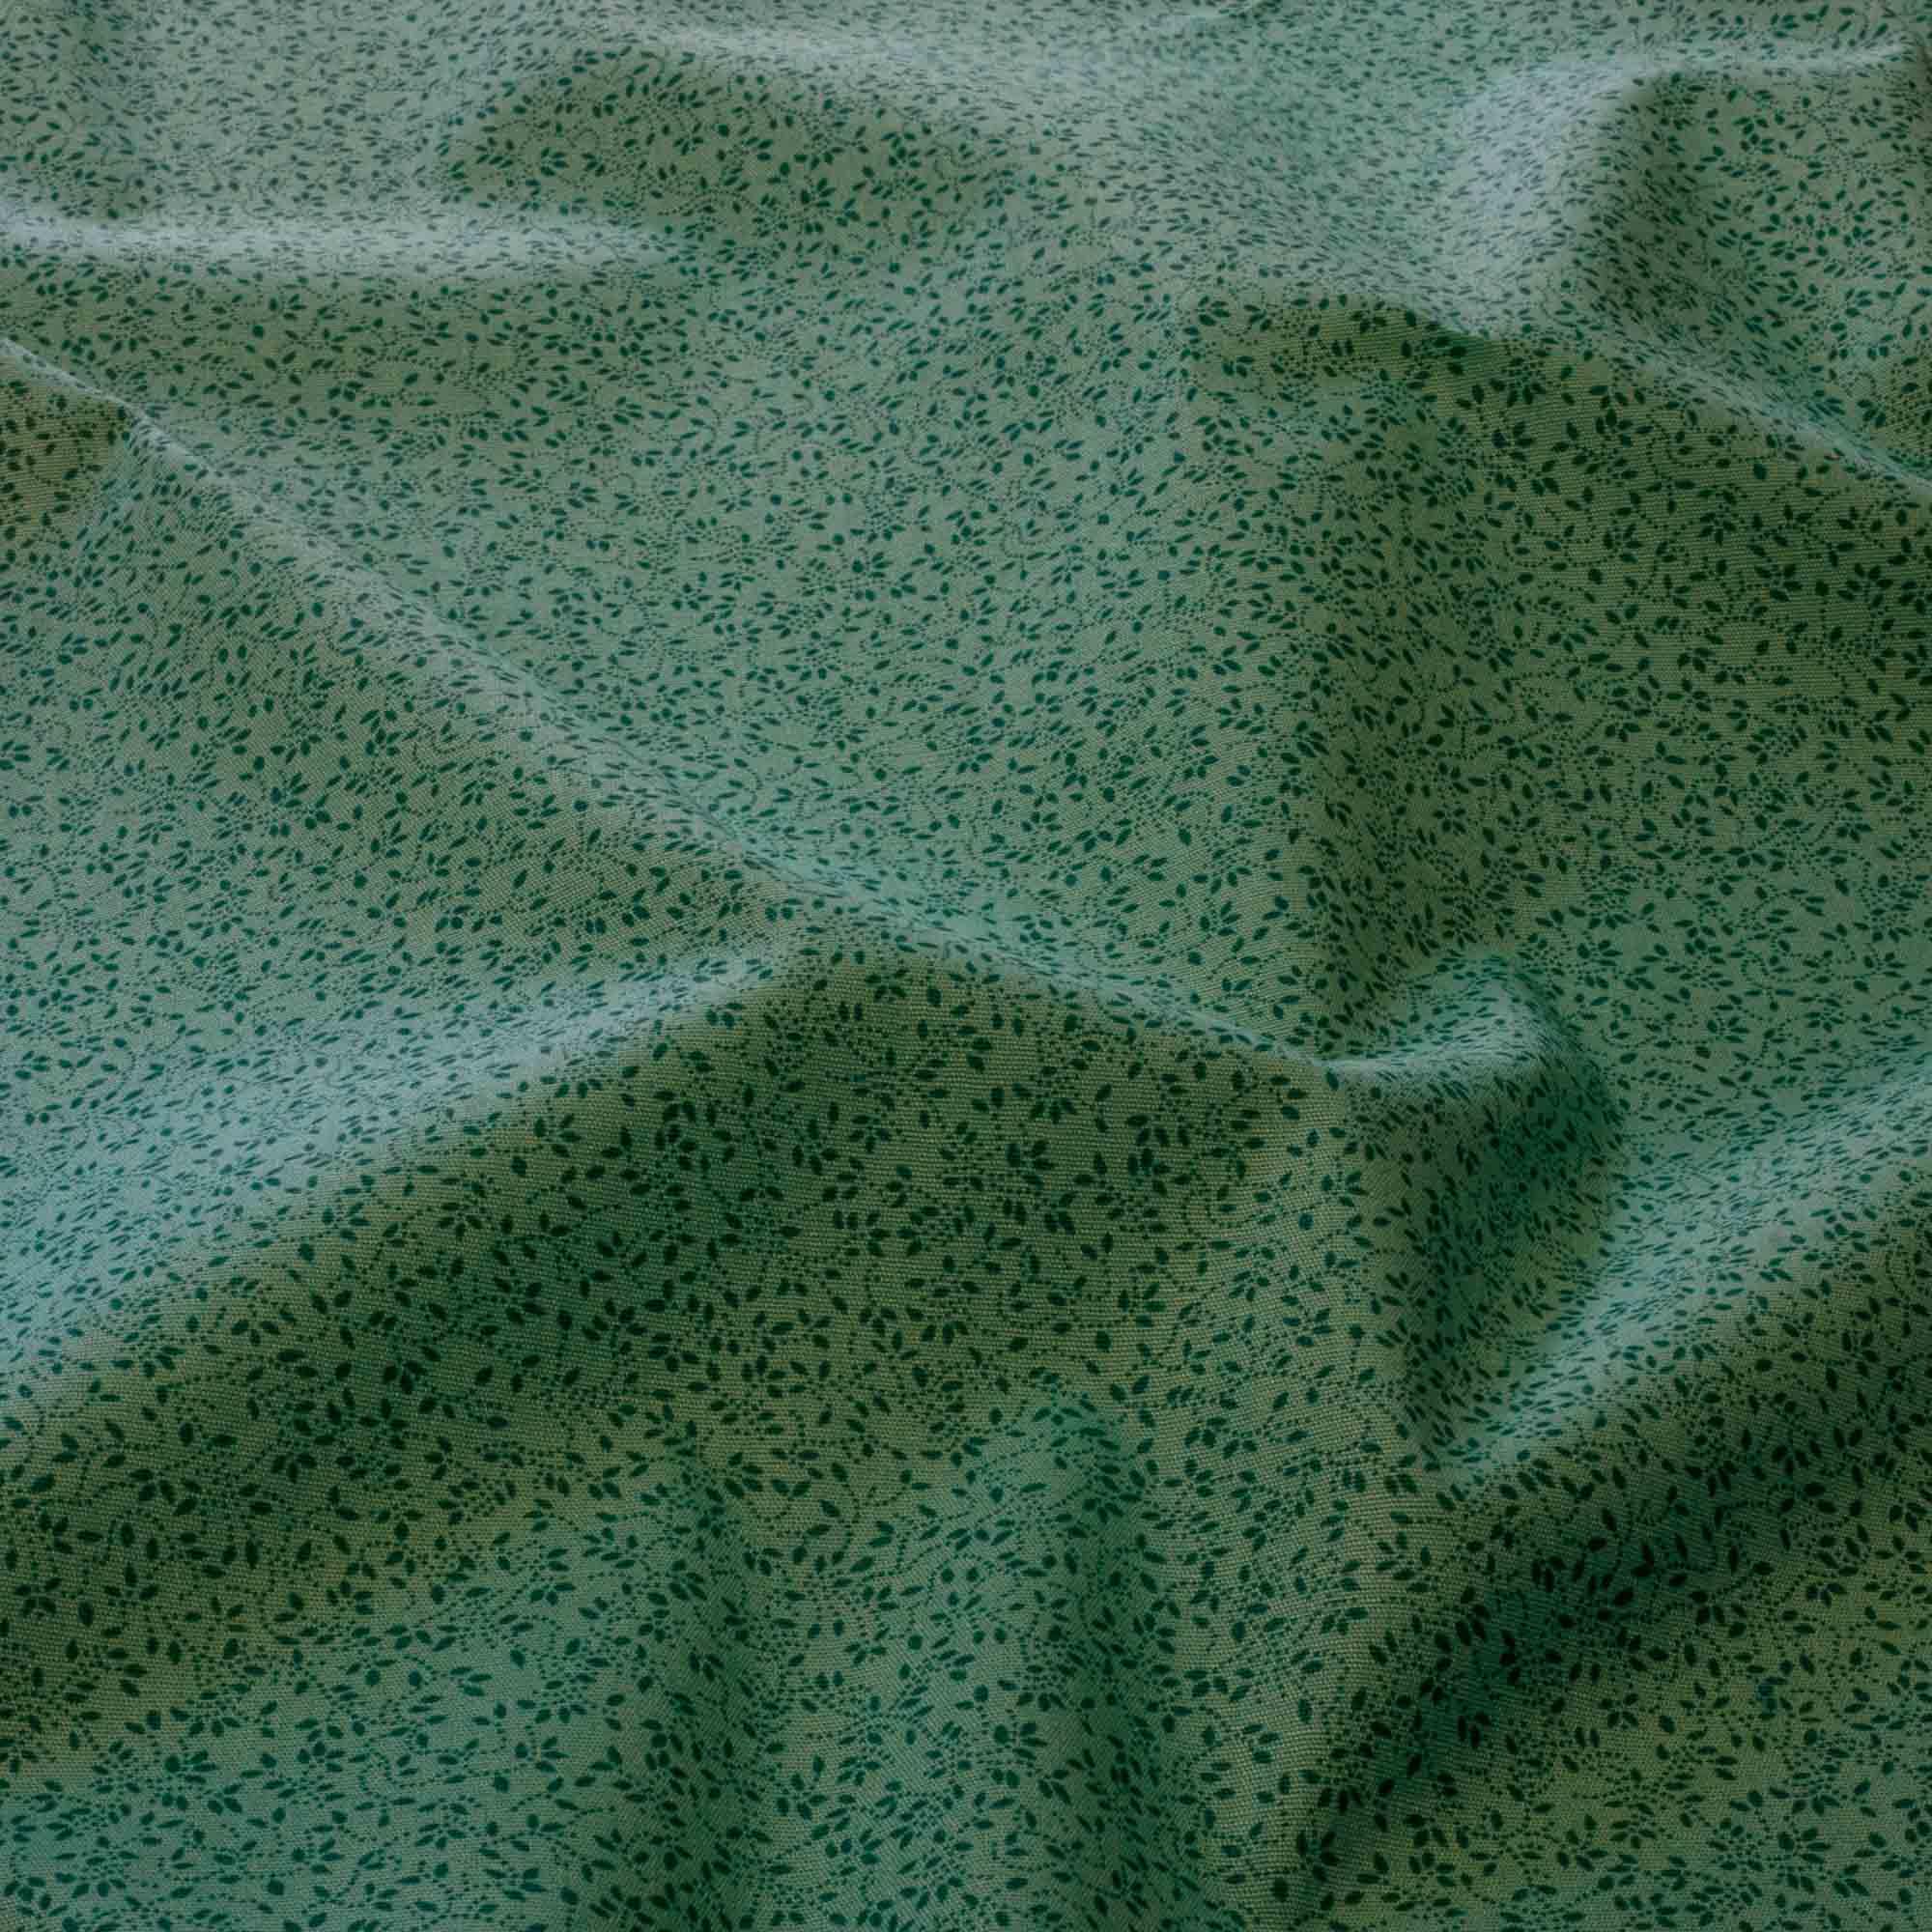 Tecido Tricoline Estampado Folhas Miúdas 1,40 Mt Largura Verde